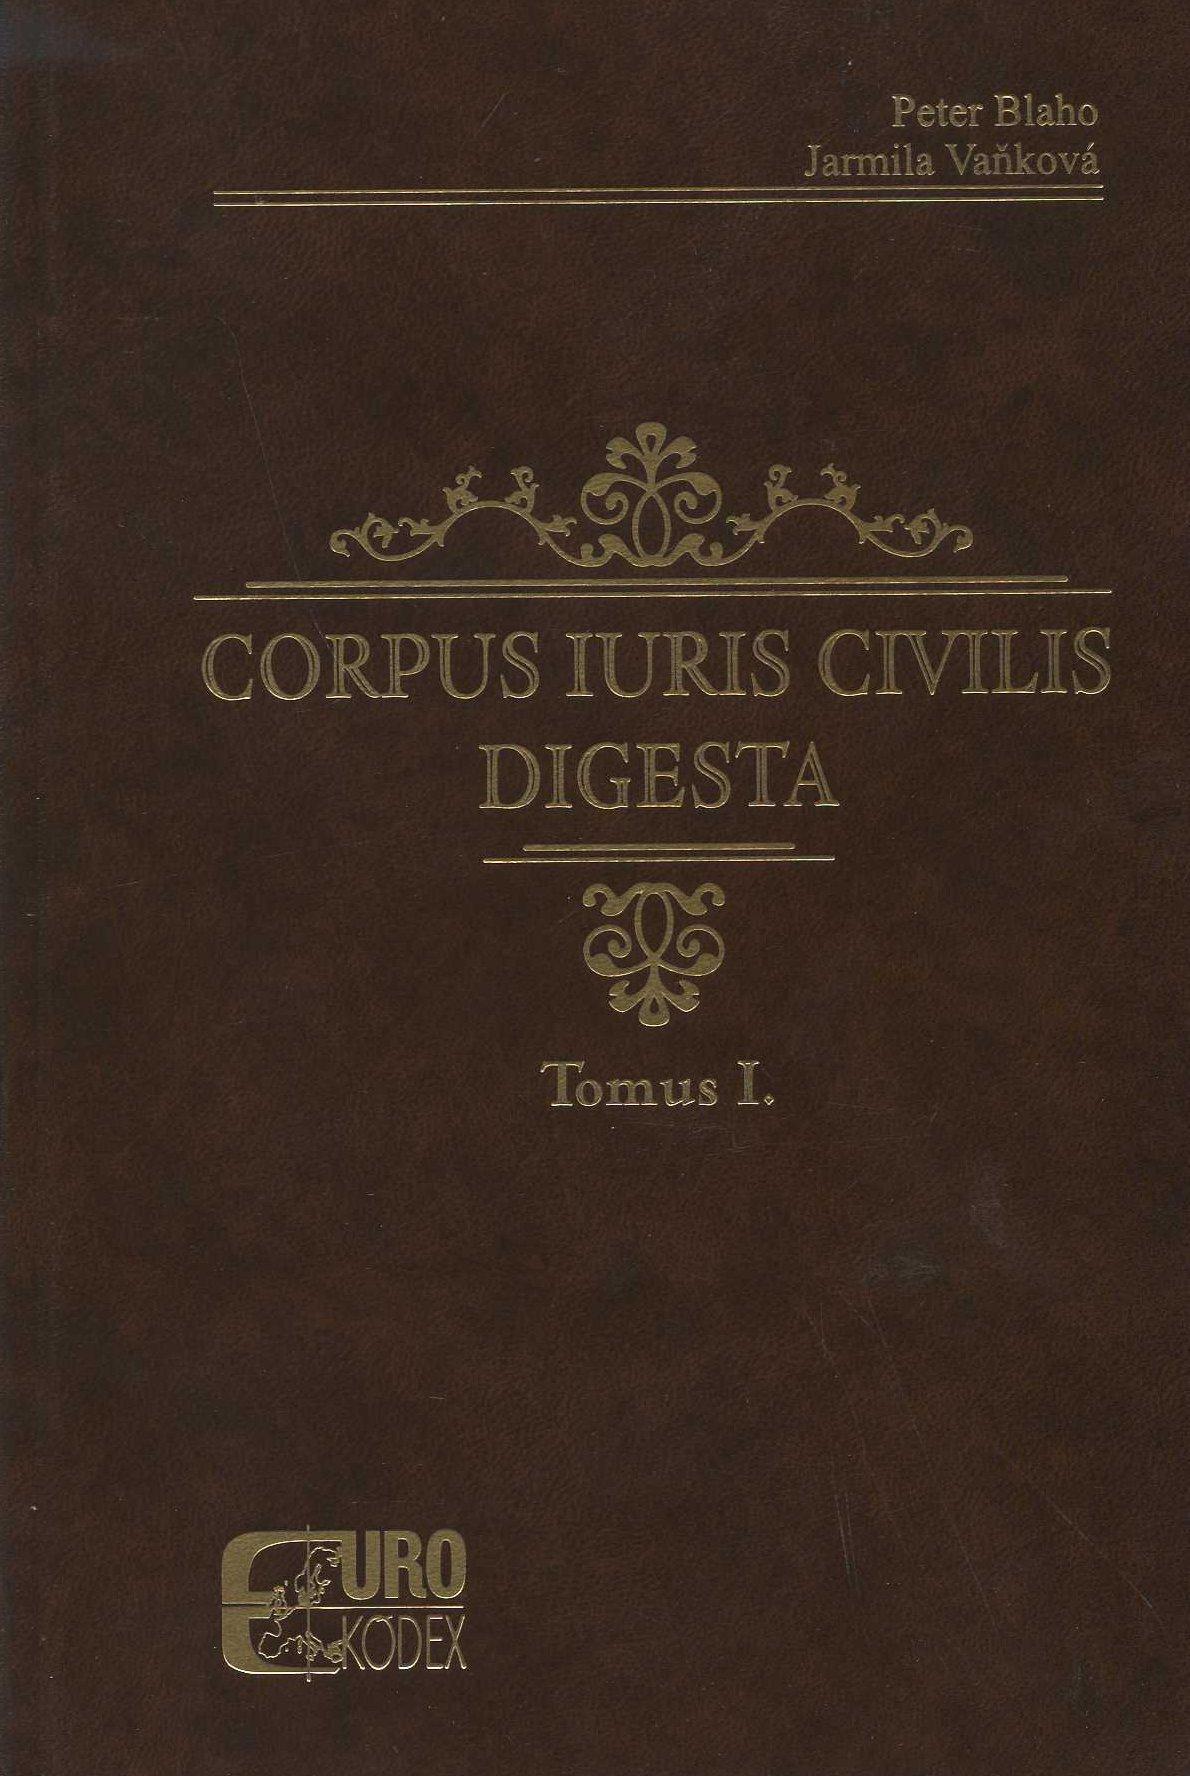 Corpus iuris civilis digesta - Tomus I.